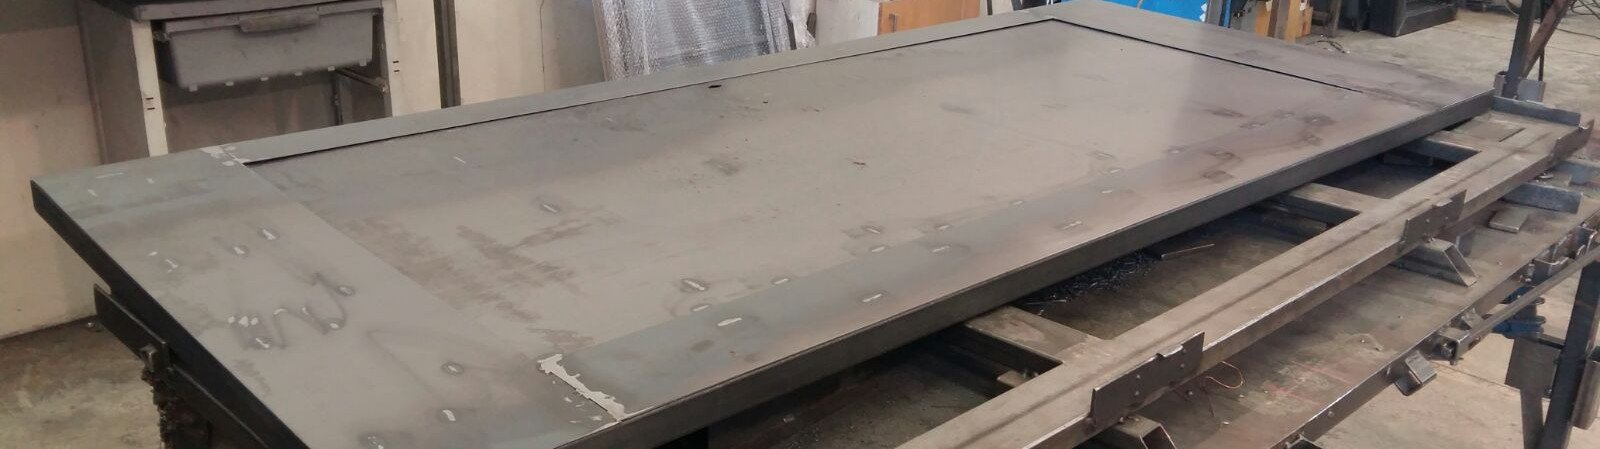 fabricacion puertas antiokupa hori - Instalacion Puerta Antiokupa Puerta Antiocupa Precio Puertas de Seguridad